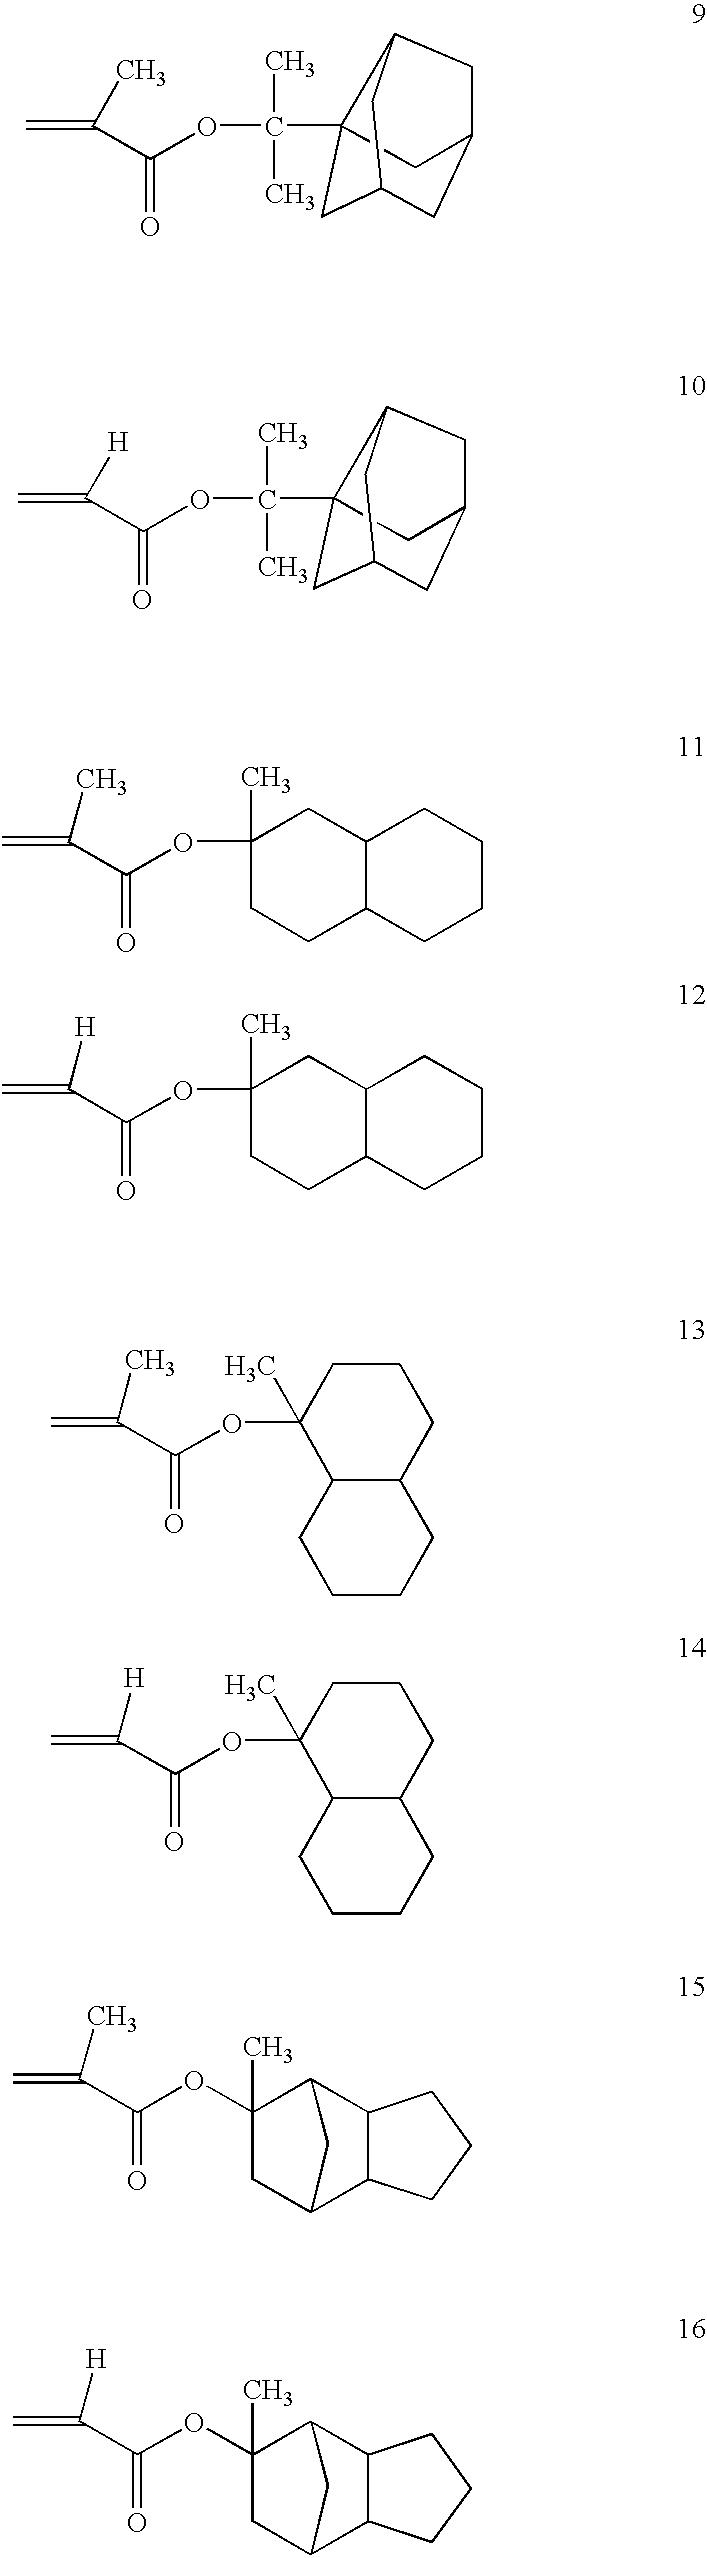 Figure US20030186161A1-20031002-C00048